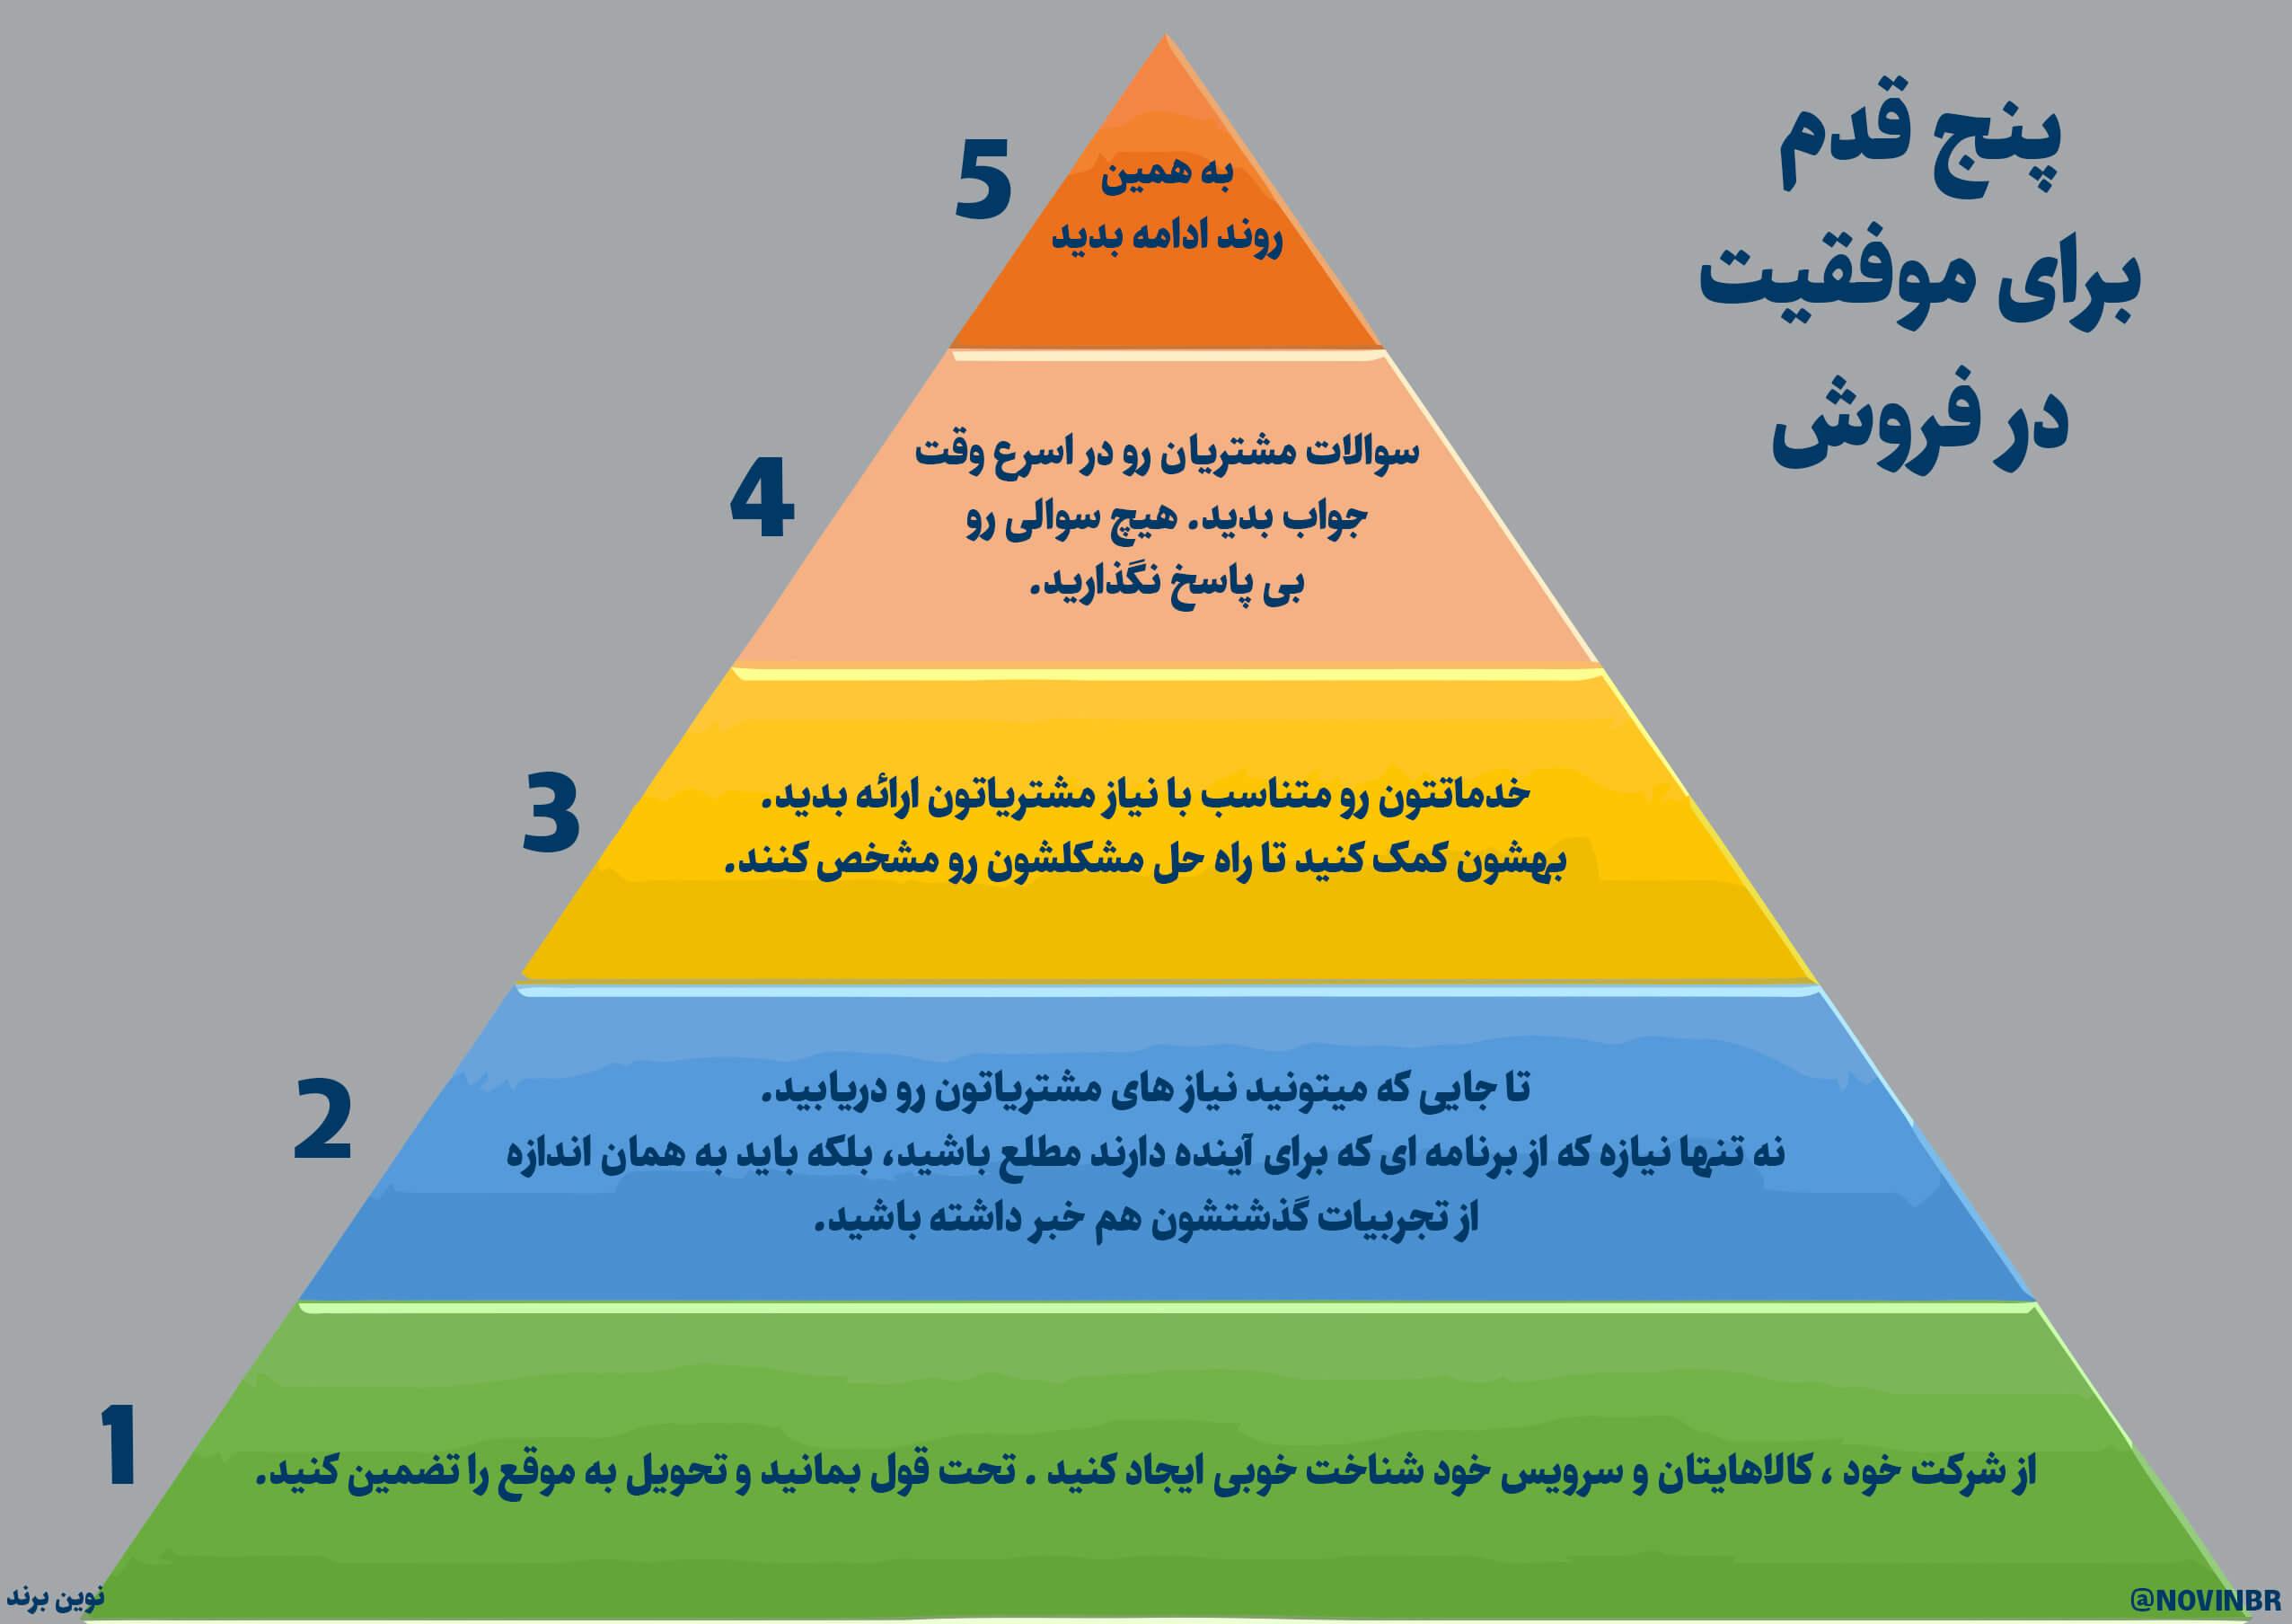 پنج قدم برای موفقیت در فروش